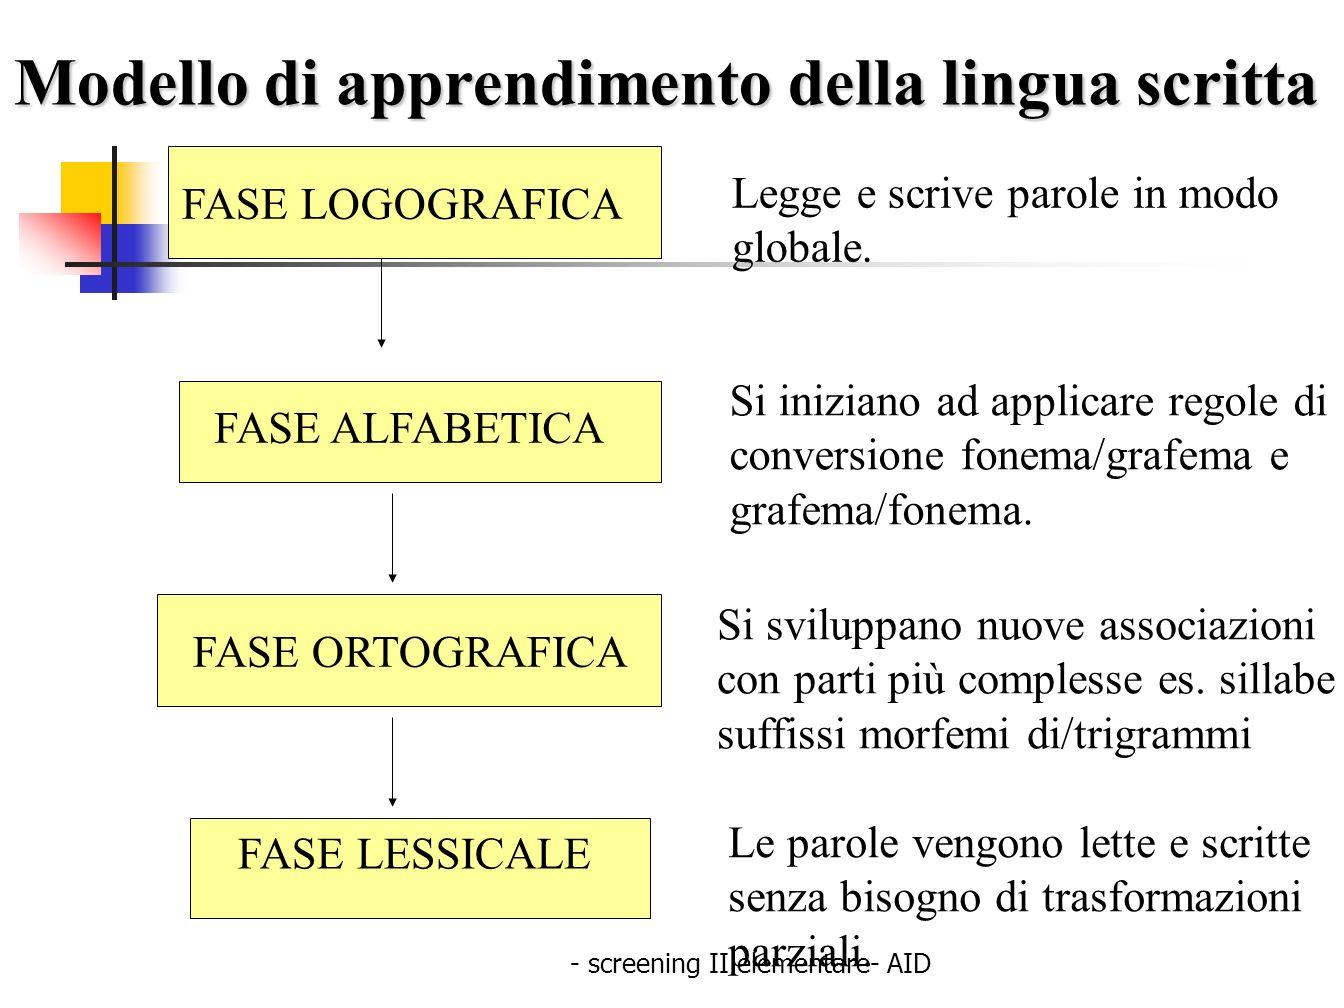 - screening II elementare- AID FASE LOGOGRAFICA FASE ALFABETICA FASE ORTOGRAFICA FASE LESSICALE Modello di apprendimento della lingua scritta Legge e